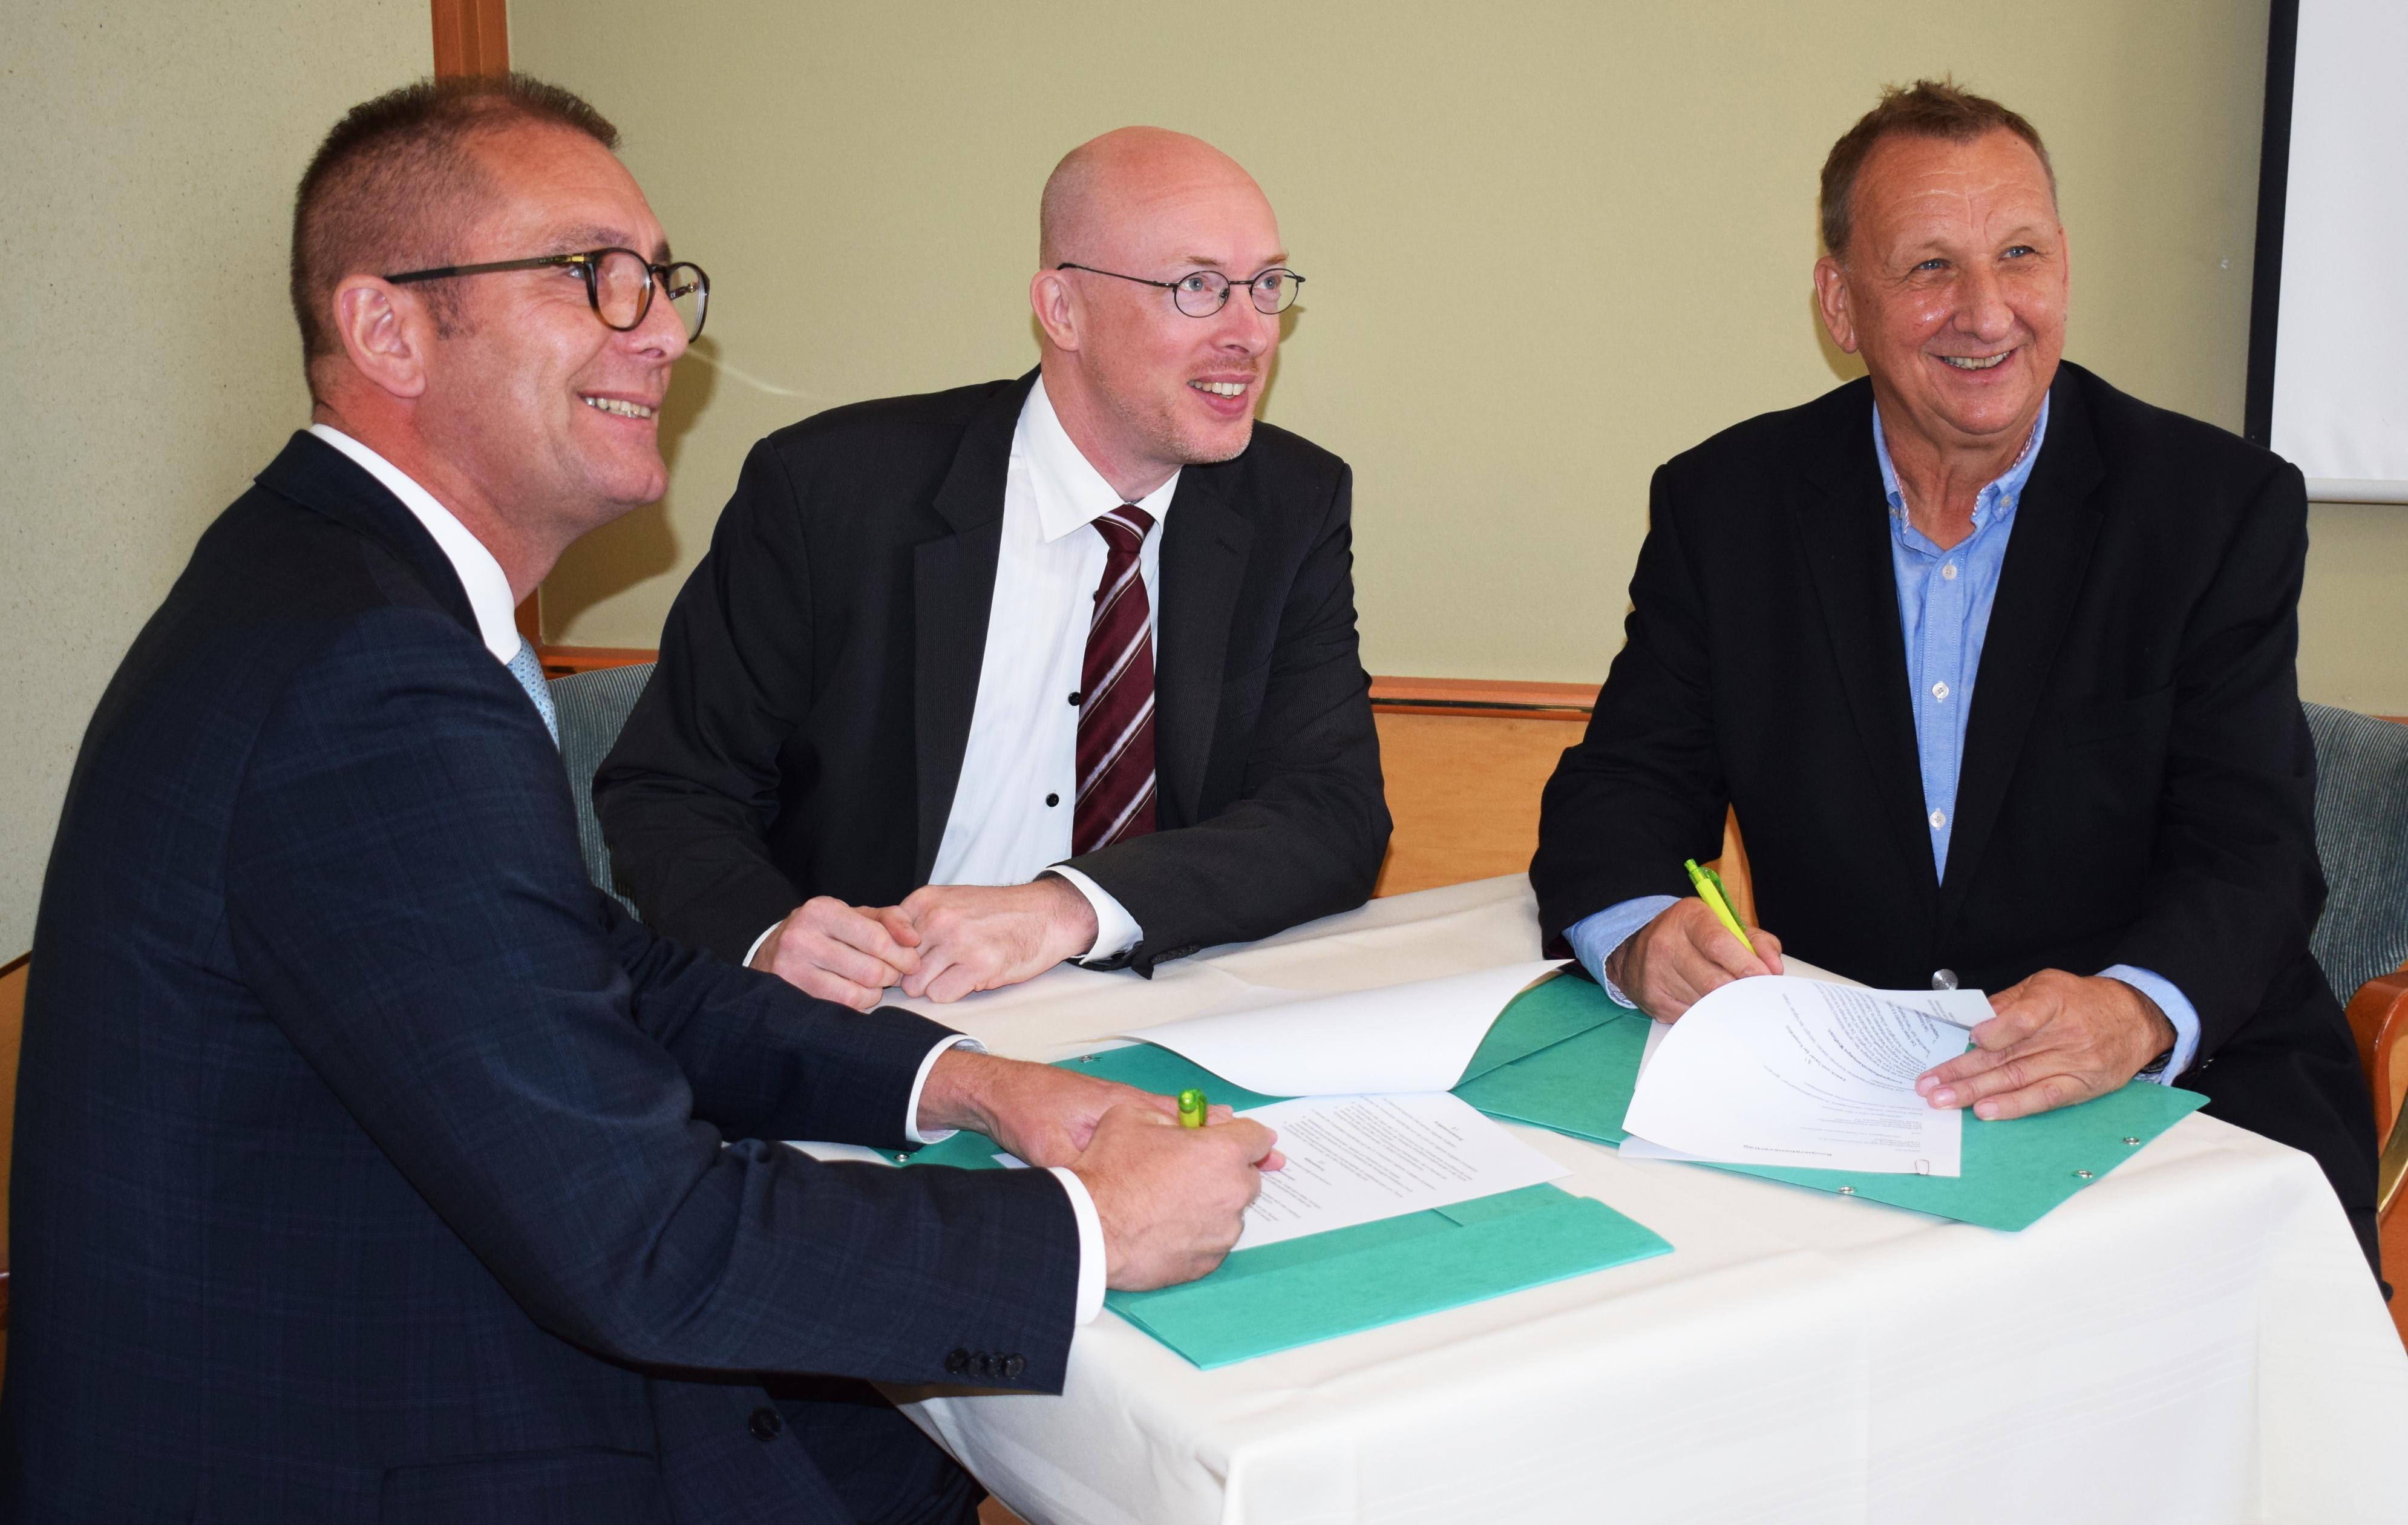 Gunnar Wobig, Geschäftsführer der LEKA MV; Christian Pegel, Energieminister Mecklenburg-Vorpommern, Gerold Jürgens, Präsident des Unternehmerverbandes Vorpommern e.V. beim Unterschreiben der Kooperationsvereinbarung.